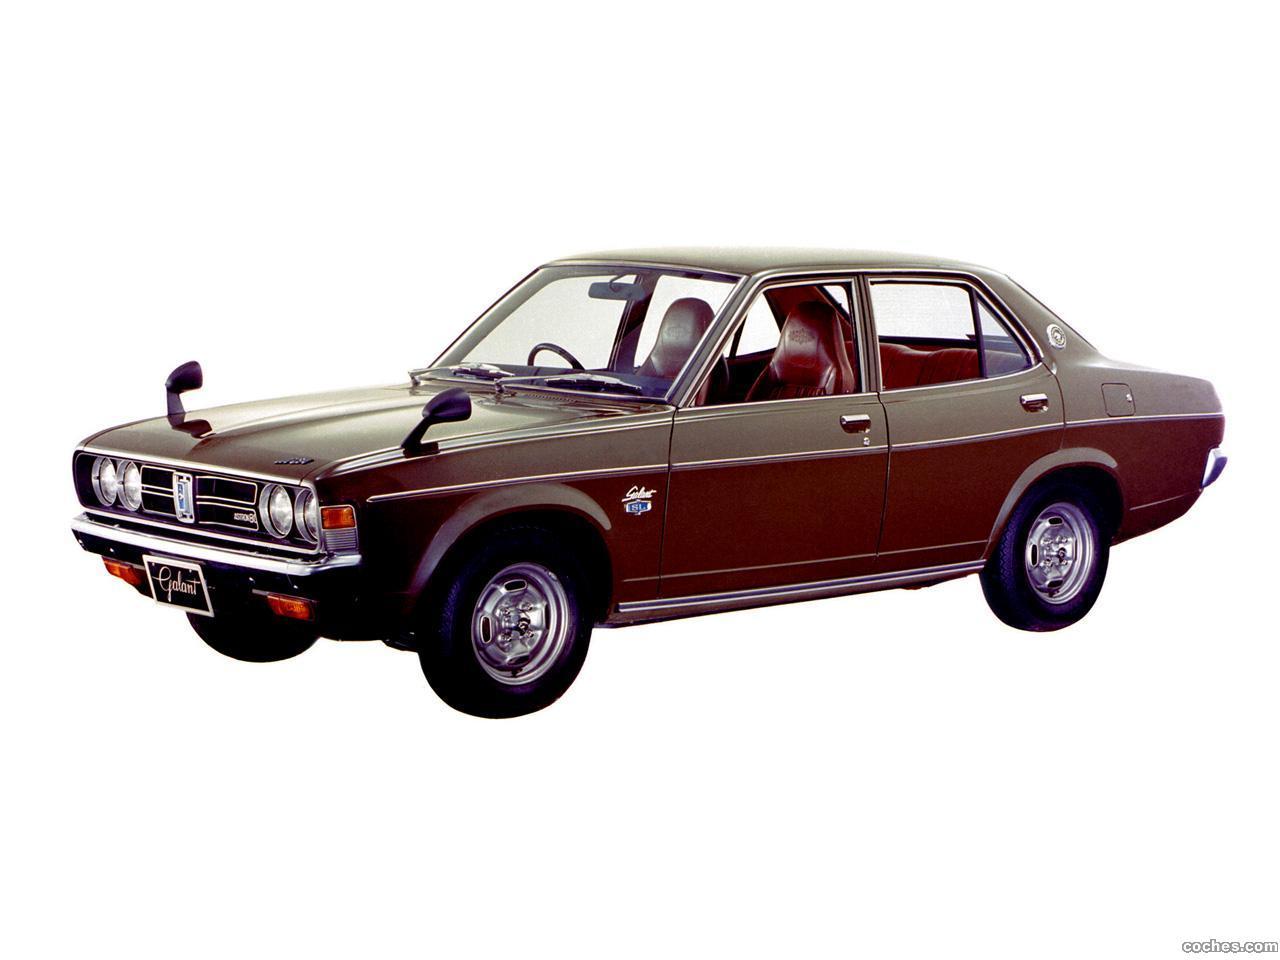 Foto 1 de Mitsubishi Colt Galant Sedan 1973